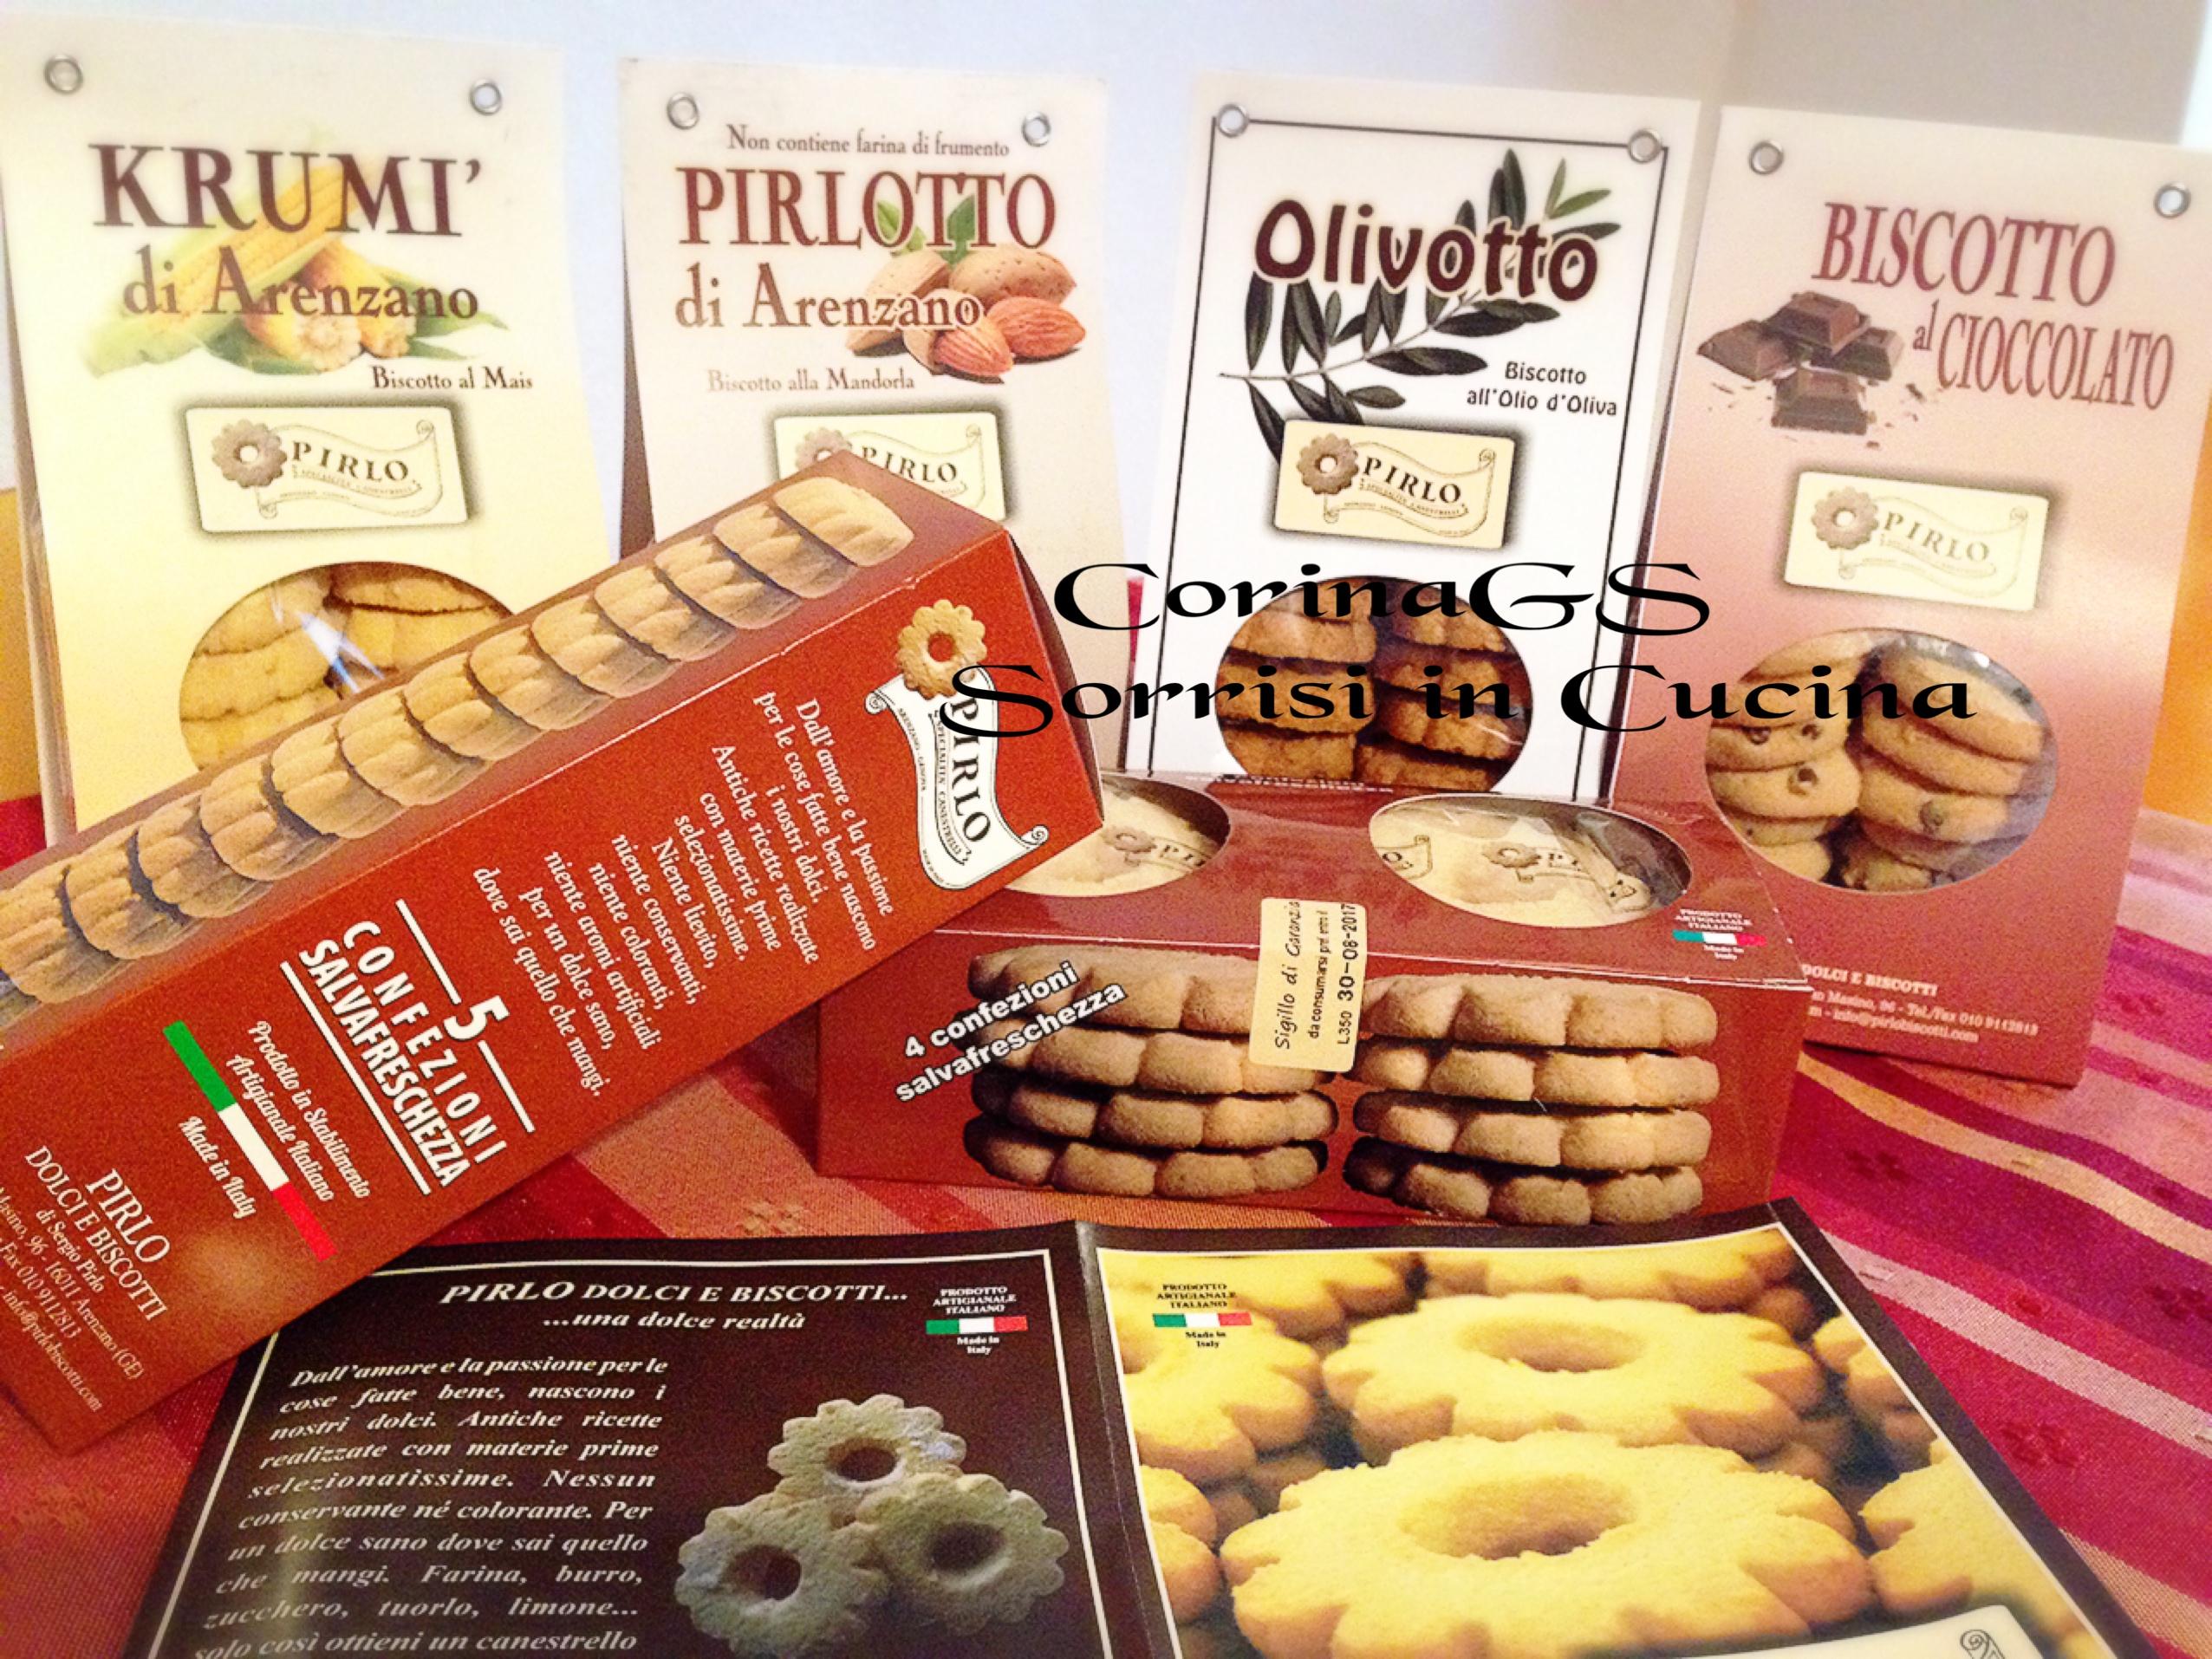 Biscotti Pirlo Dolcezze genuine e fresche CorinaGS